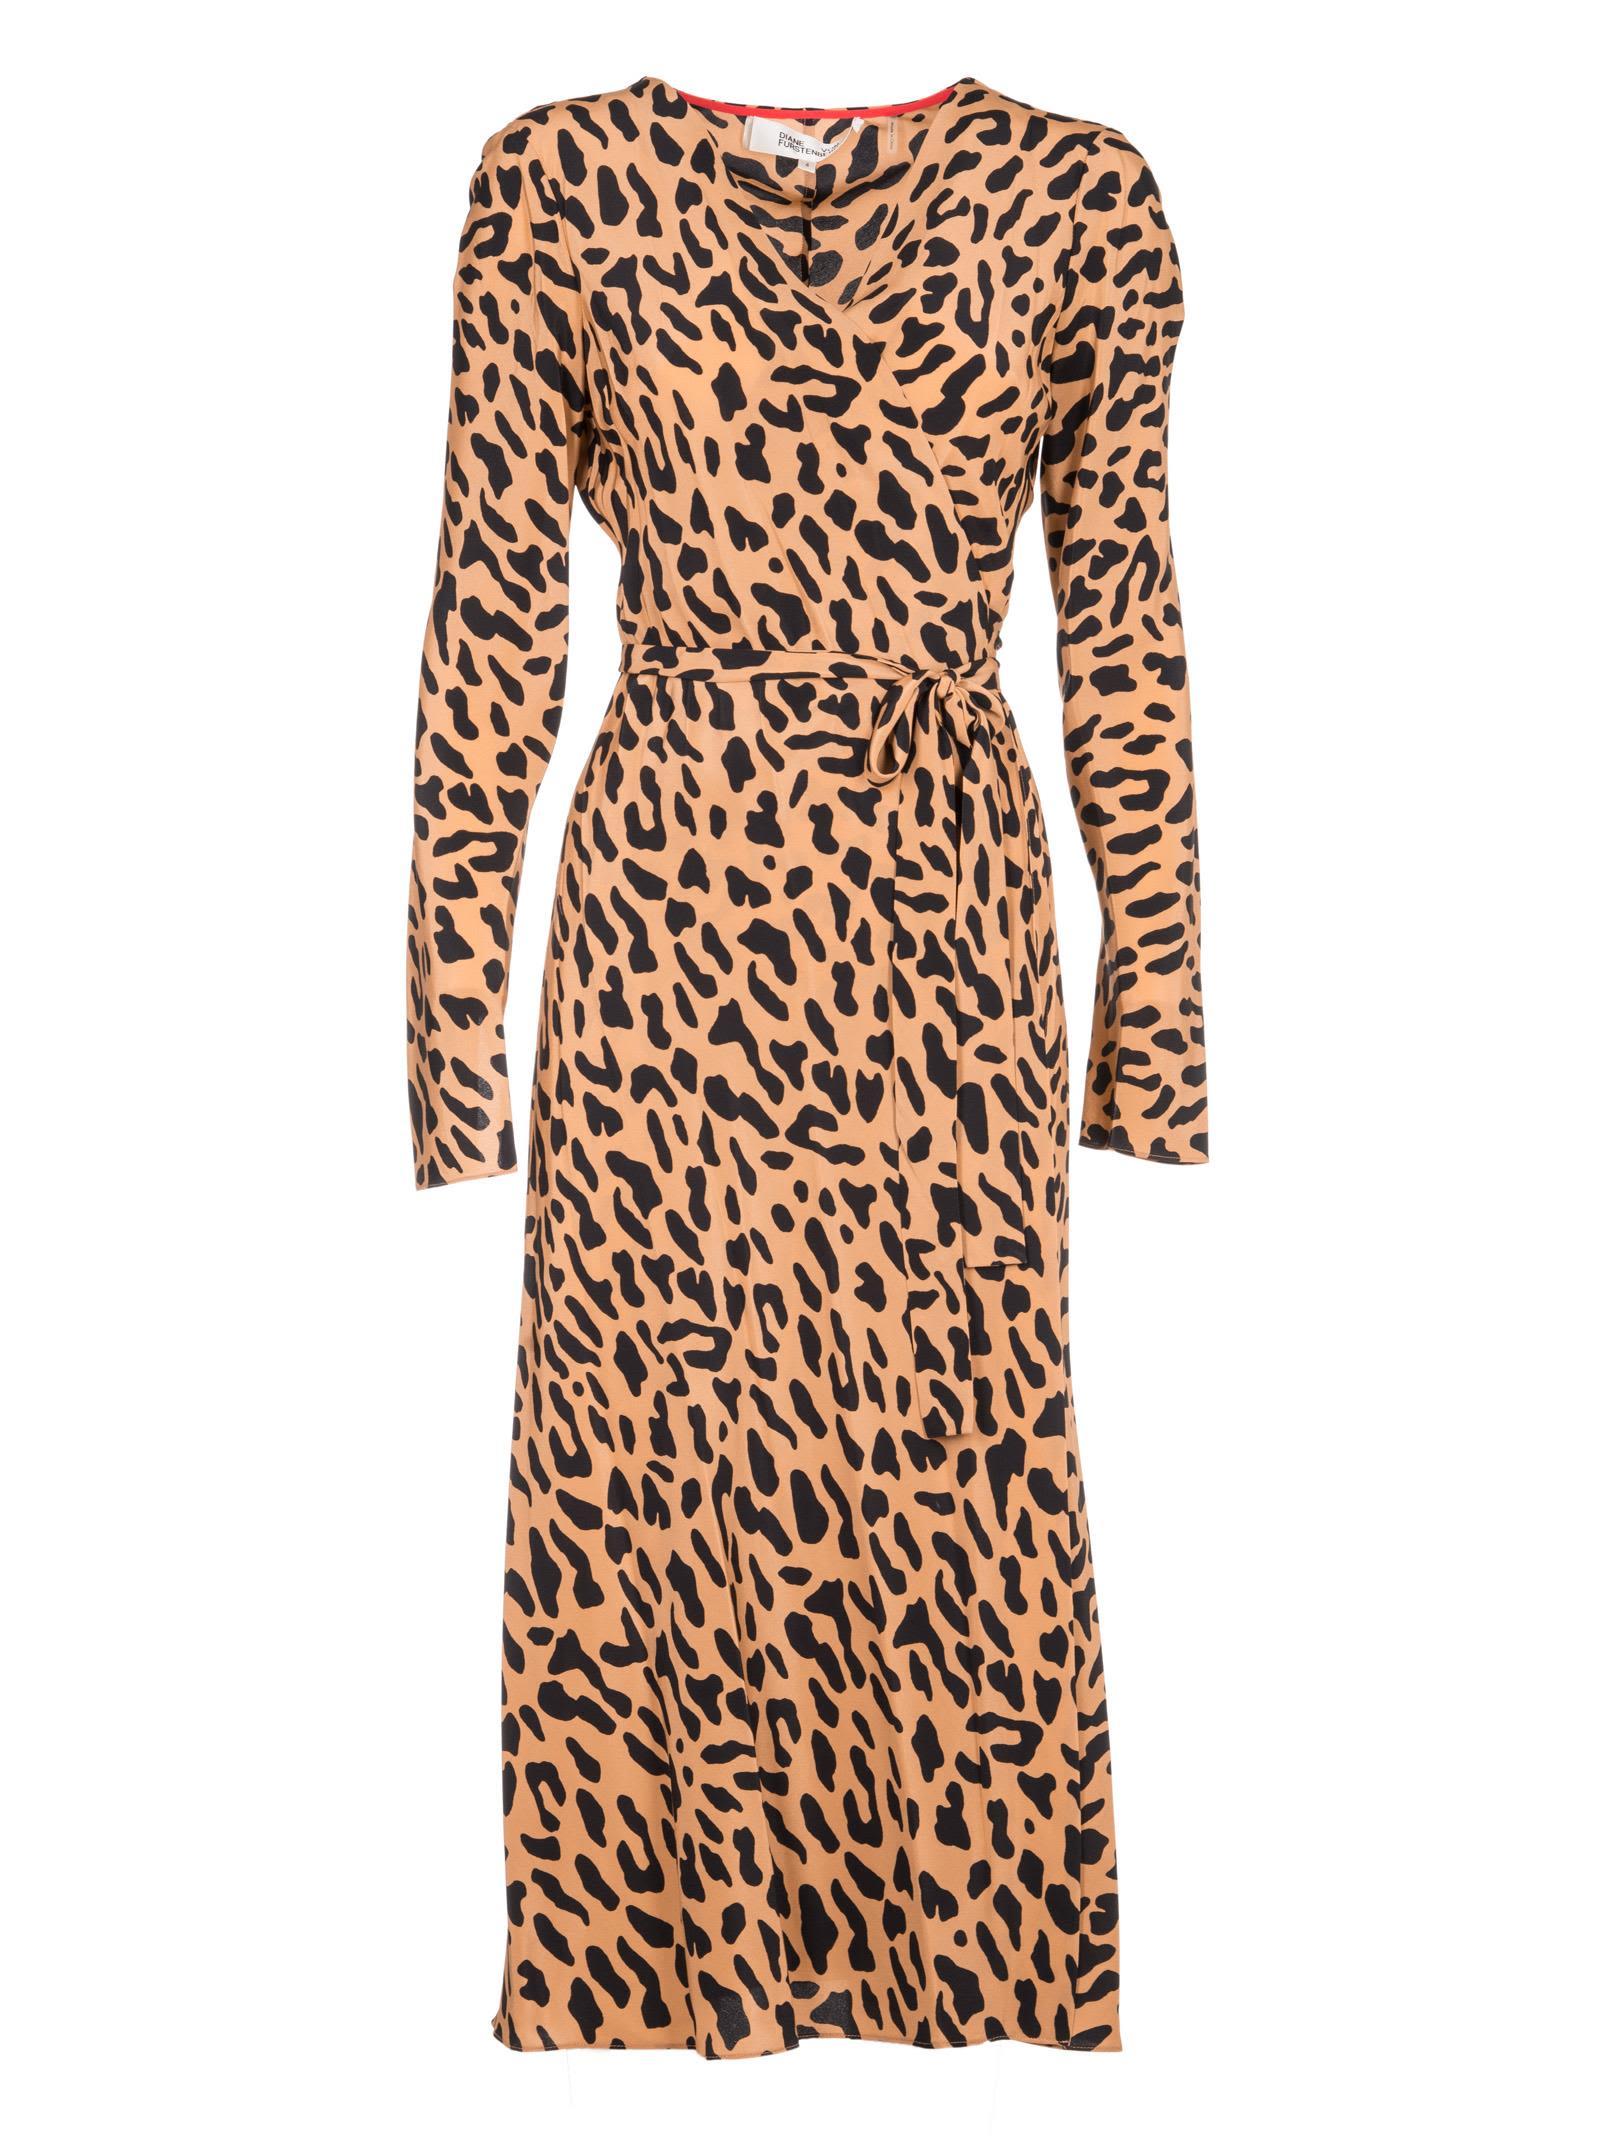 Diane Von Furstenberg Woven Wrapped Dress